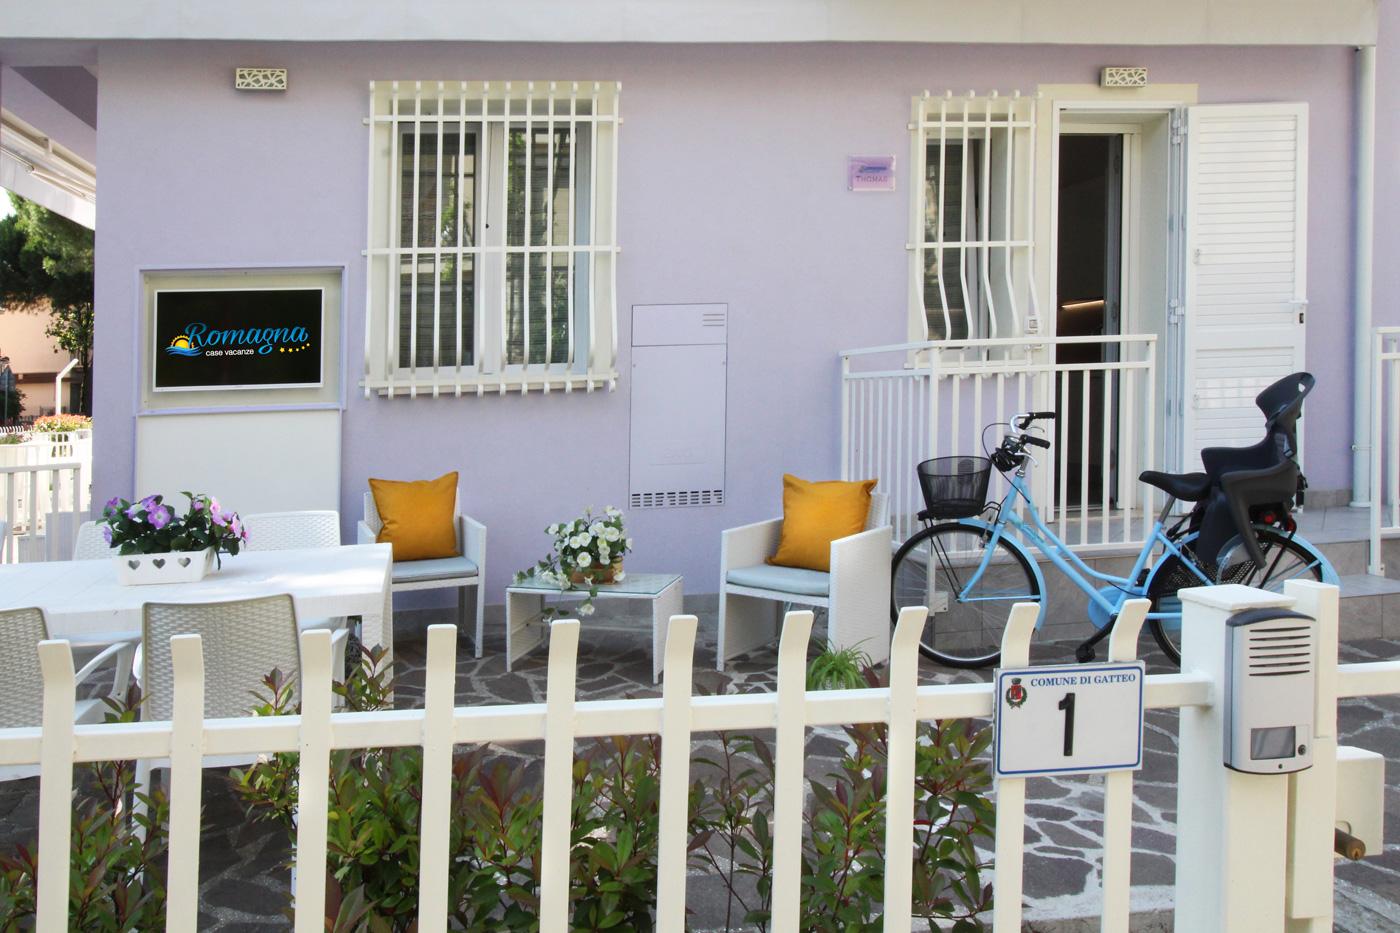 Appartamento thomas romagna case vacanze san mauro mare gatteo mare_8852